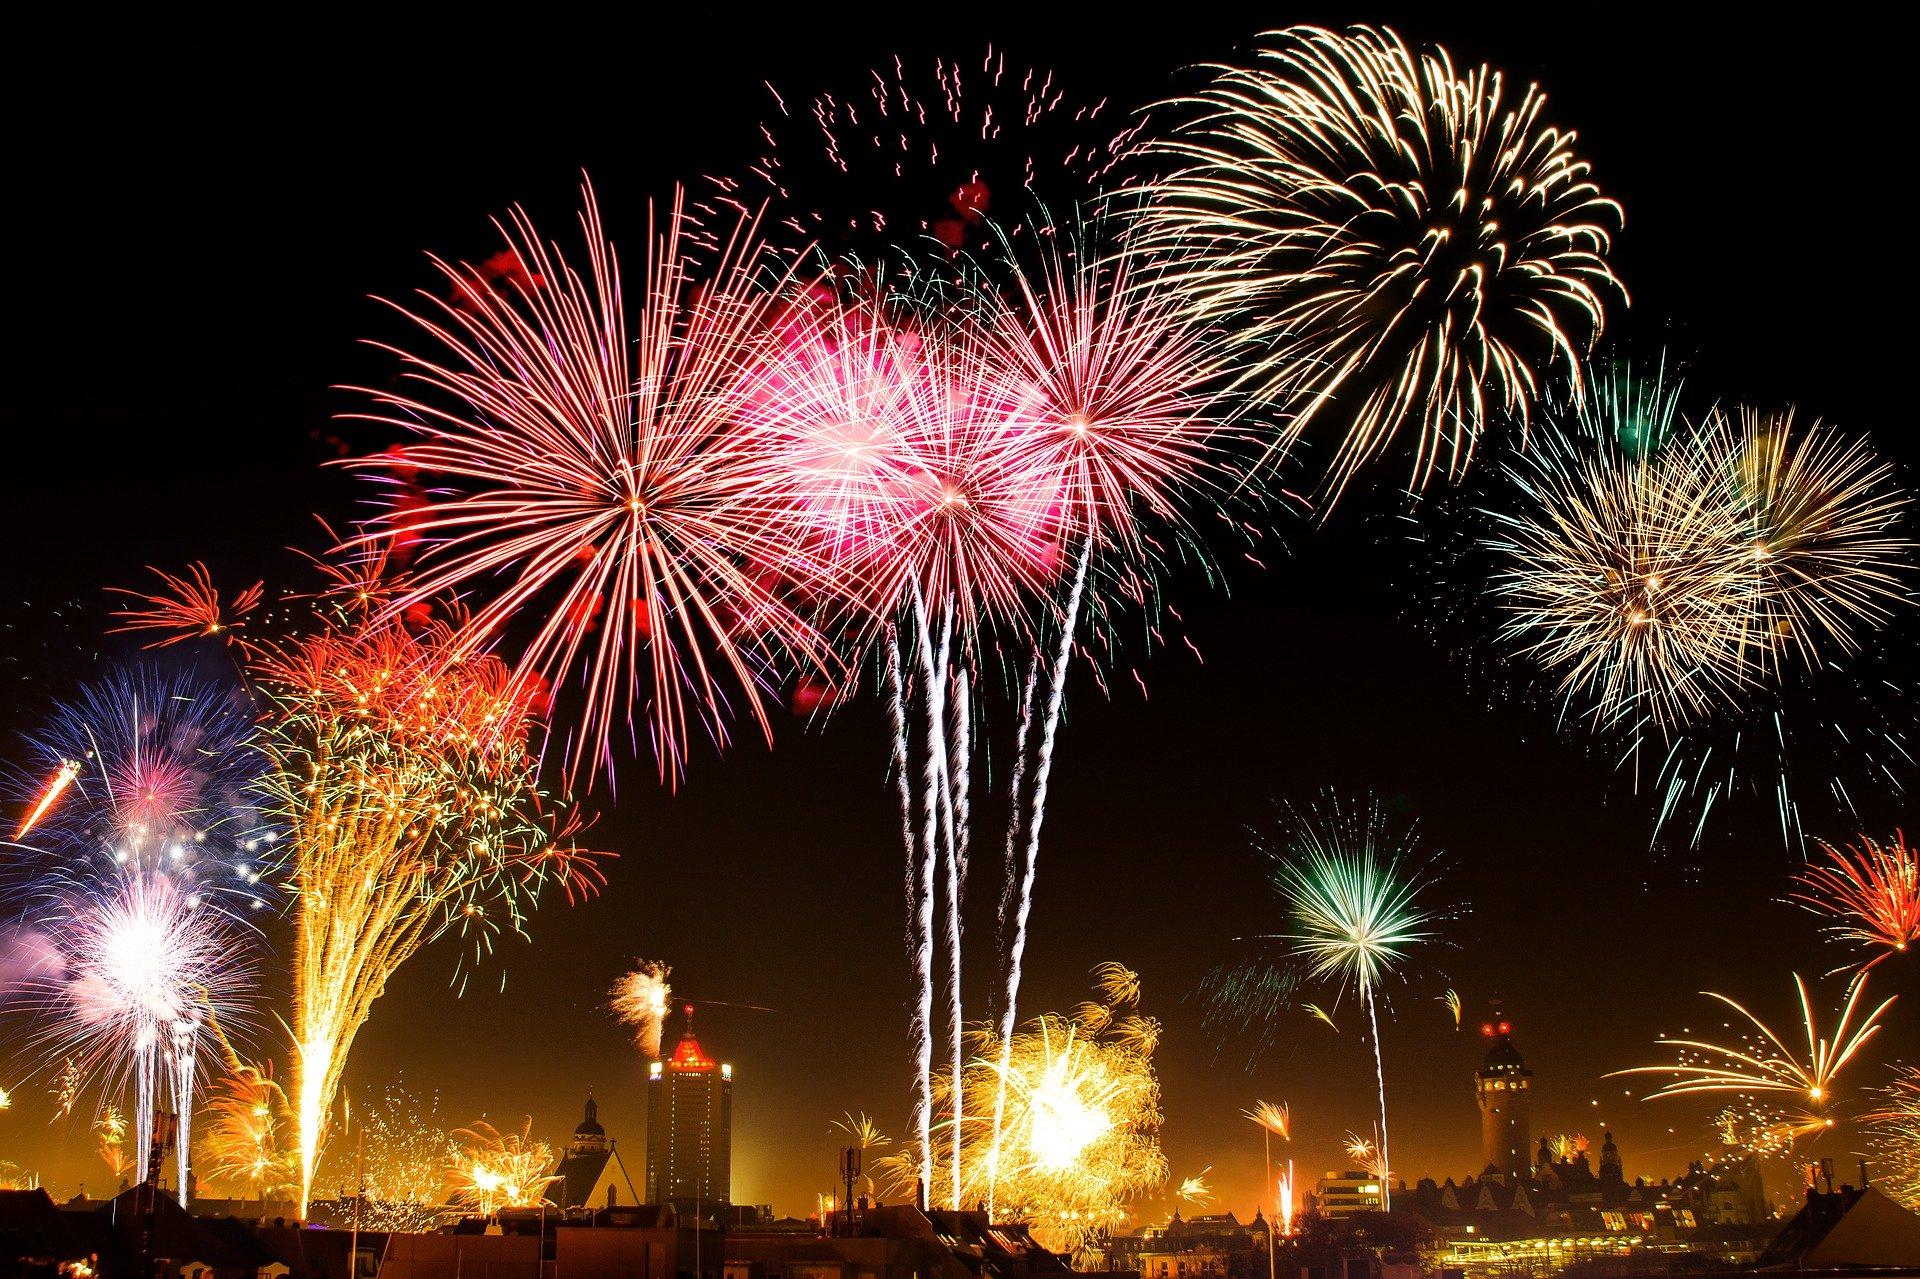 日本三大花火大会の場所や日程は?打ち上げの種類も合わせて紹介!